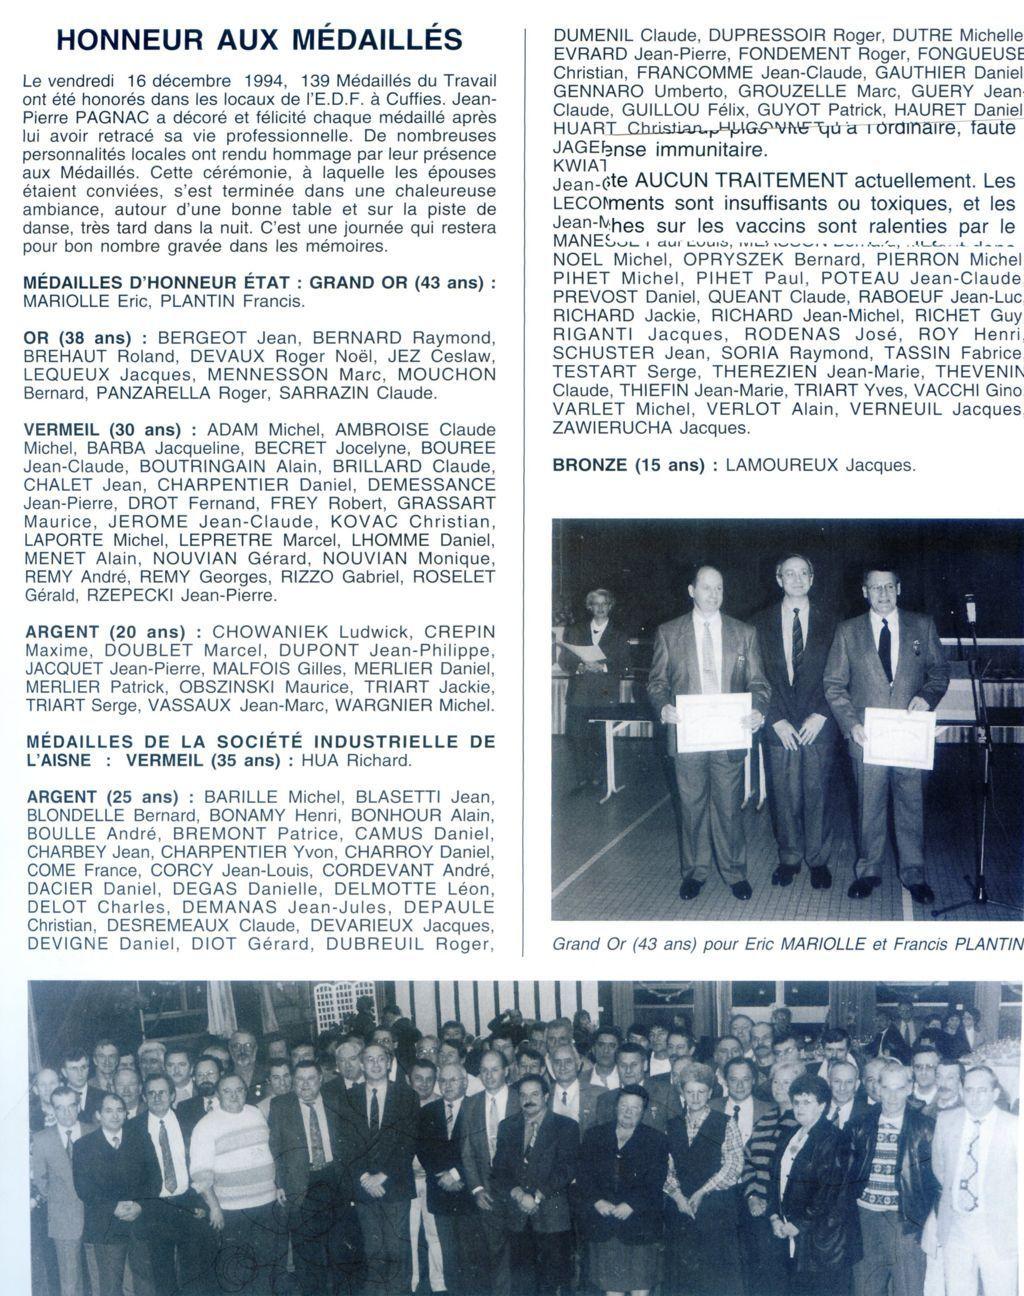 Album - groupe Saint-Gobain, la verrerie de Vauxrot ( Aisne), les médaillés